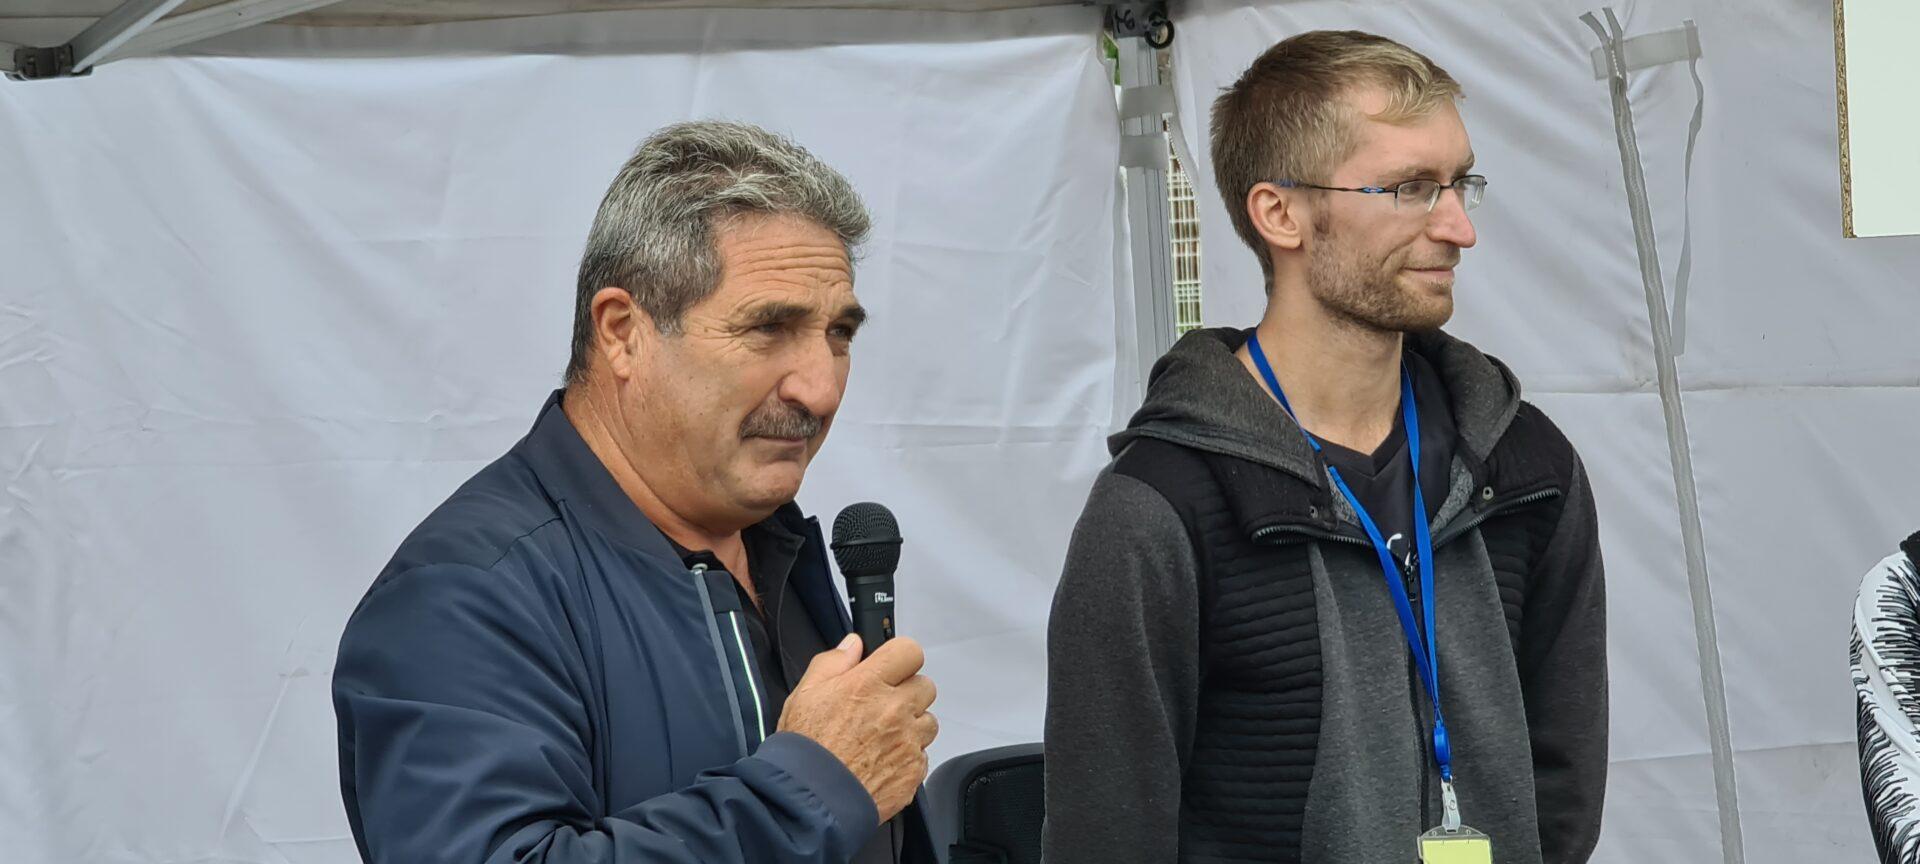 Homme aux cheveux gris tenant un micro à côté d'un autre plus jeune, blond avec des lunettes